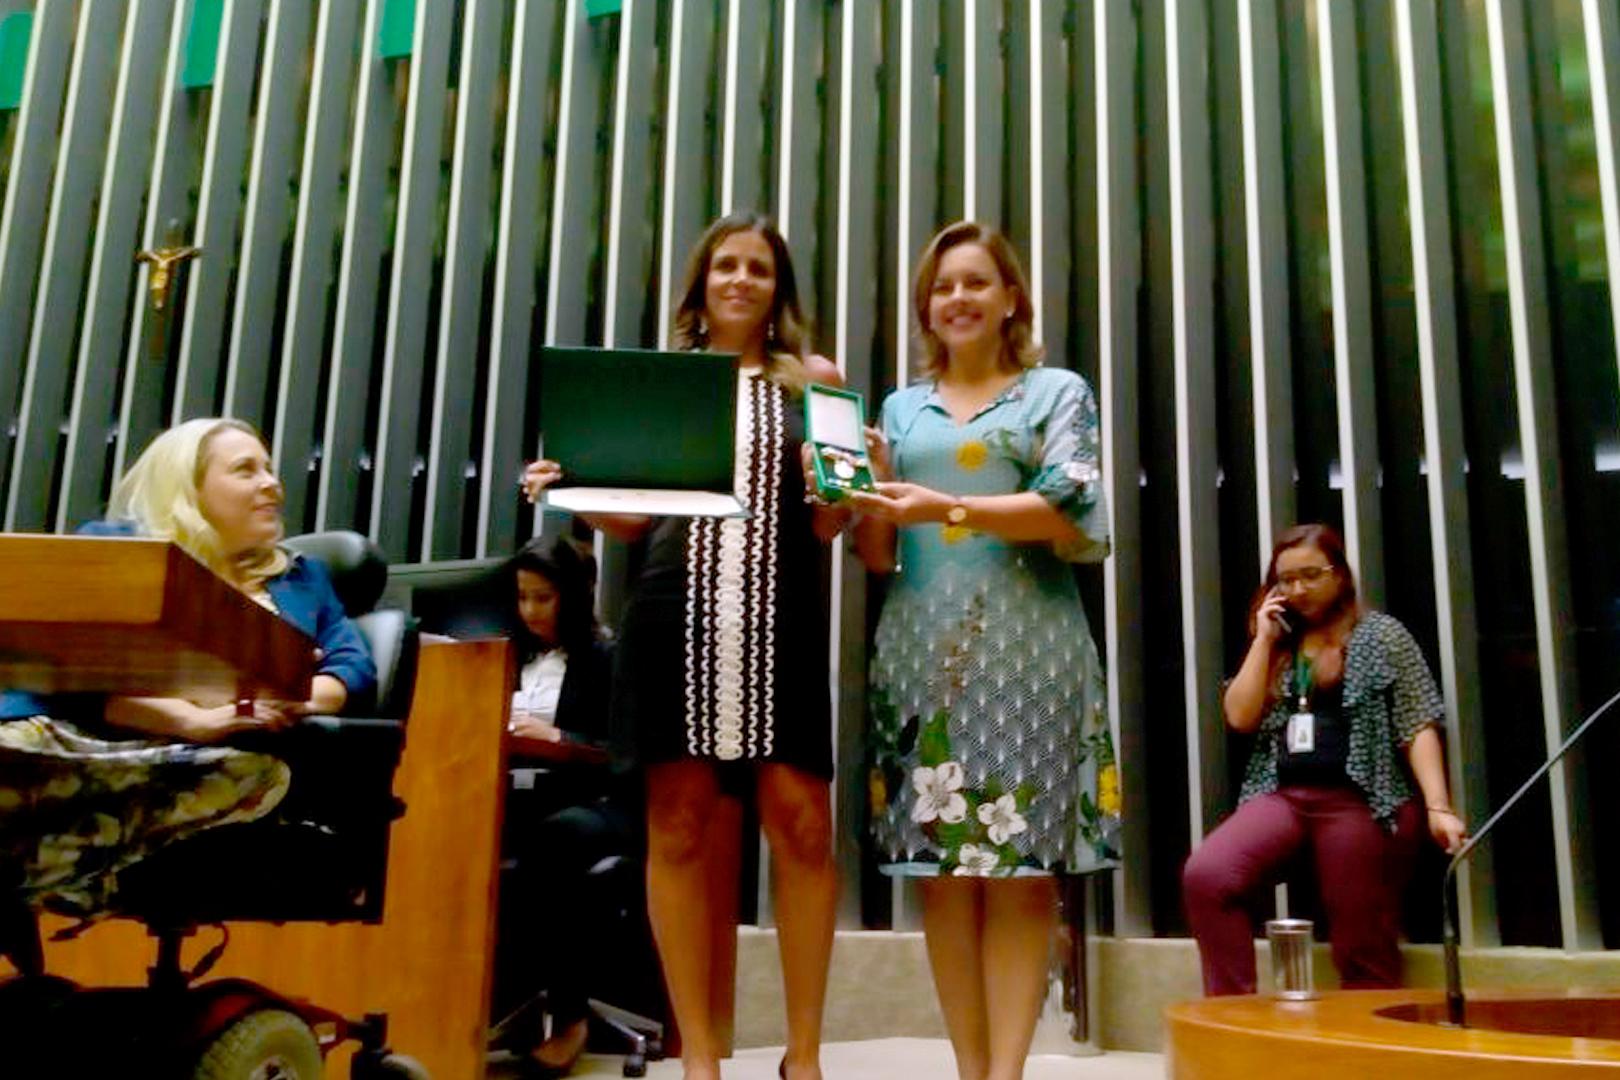 Câmara dos Deputados reconhece trabalho de juíza paulista